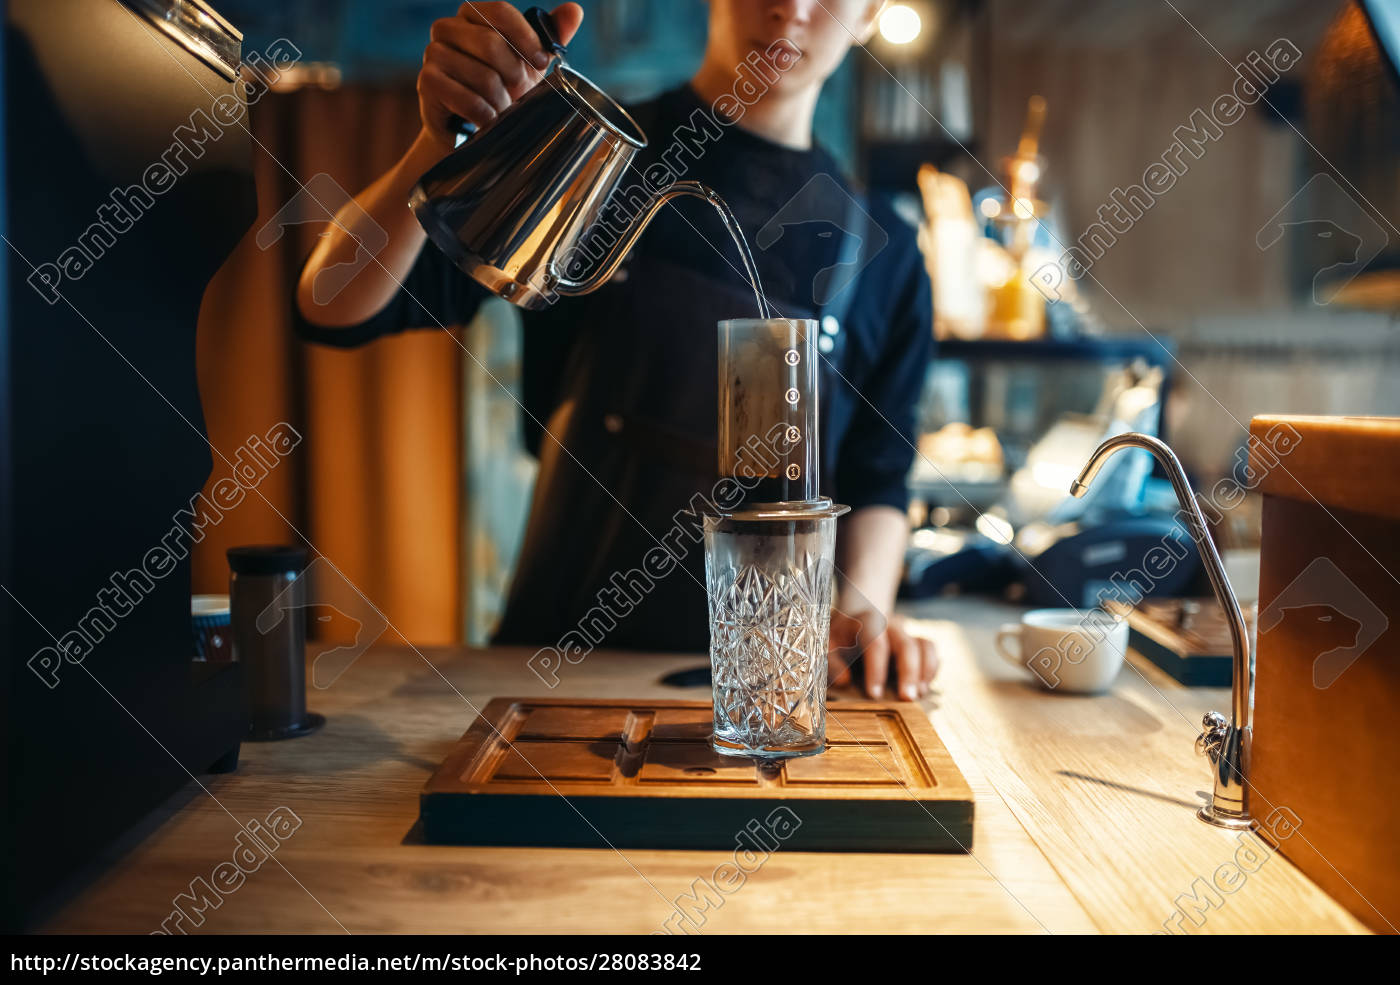 barista, gießt, wasser, aus, der, kaffeekanne - 28083842